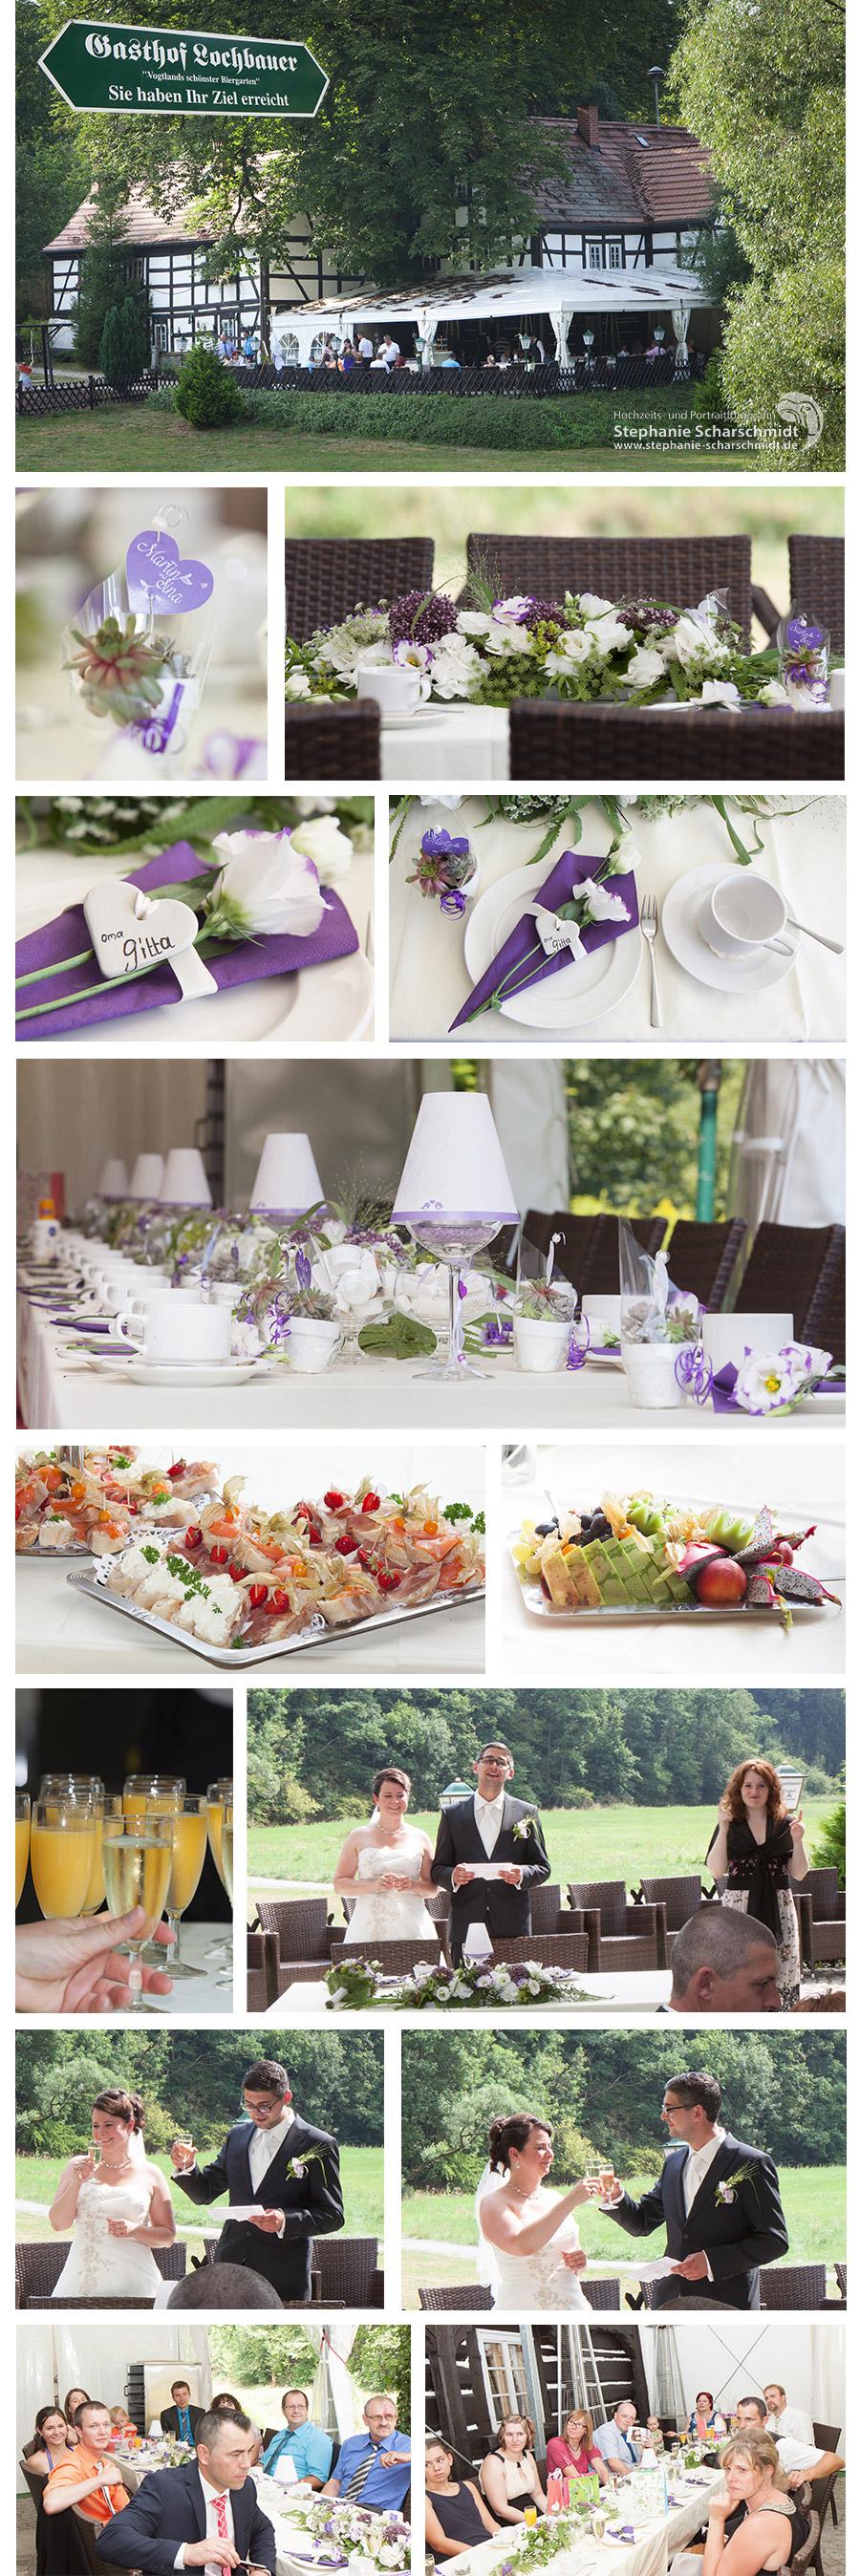 dezent Lila Weisse Tischdeko für Hochzeiten – Hochzeitstrends 2015 in der Pension und Restaurant Lochbauer in Plauen im Vogtland – Stephanie Scharschmidt Hochzeitsfotograf Plauen